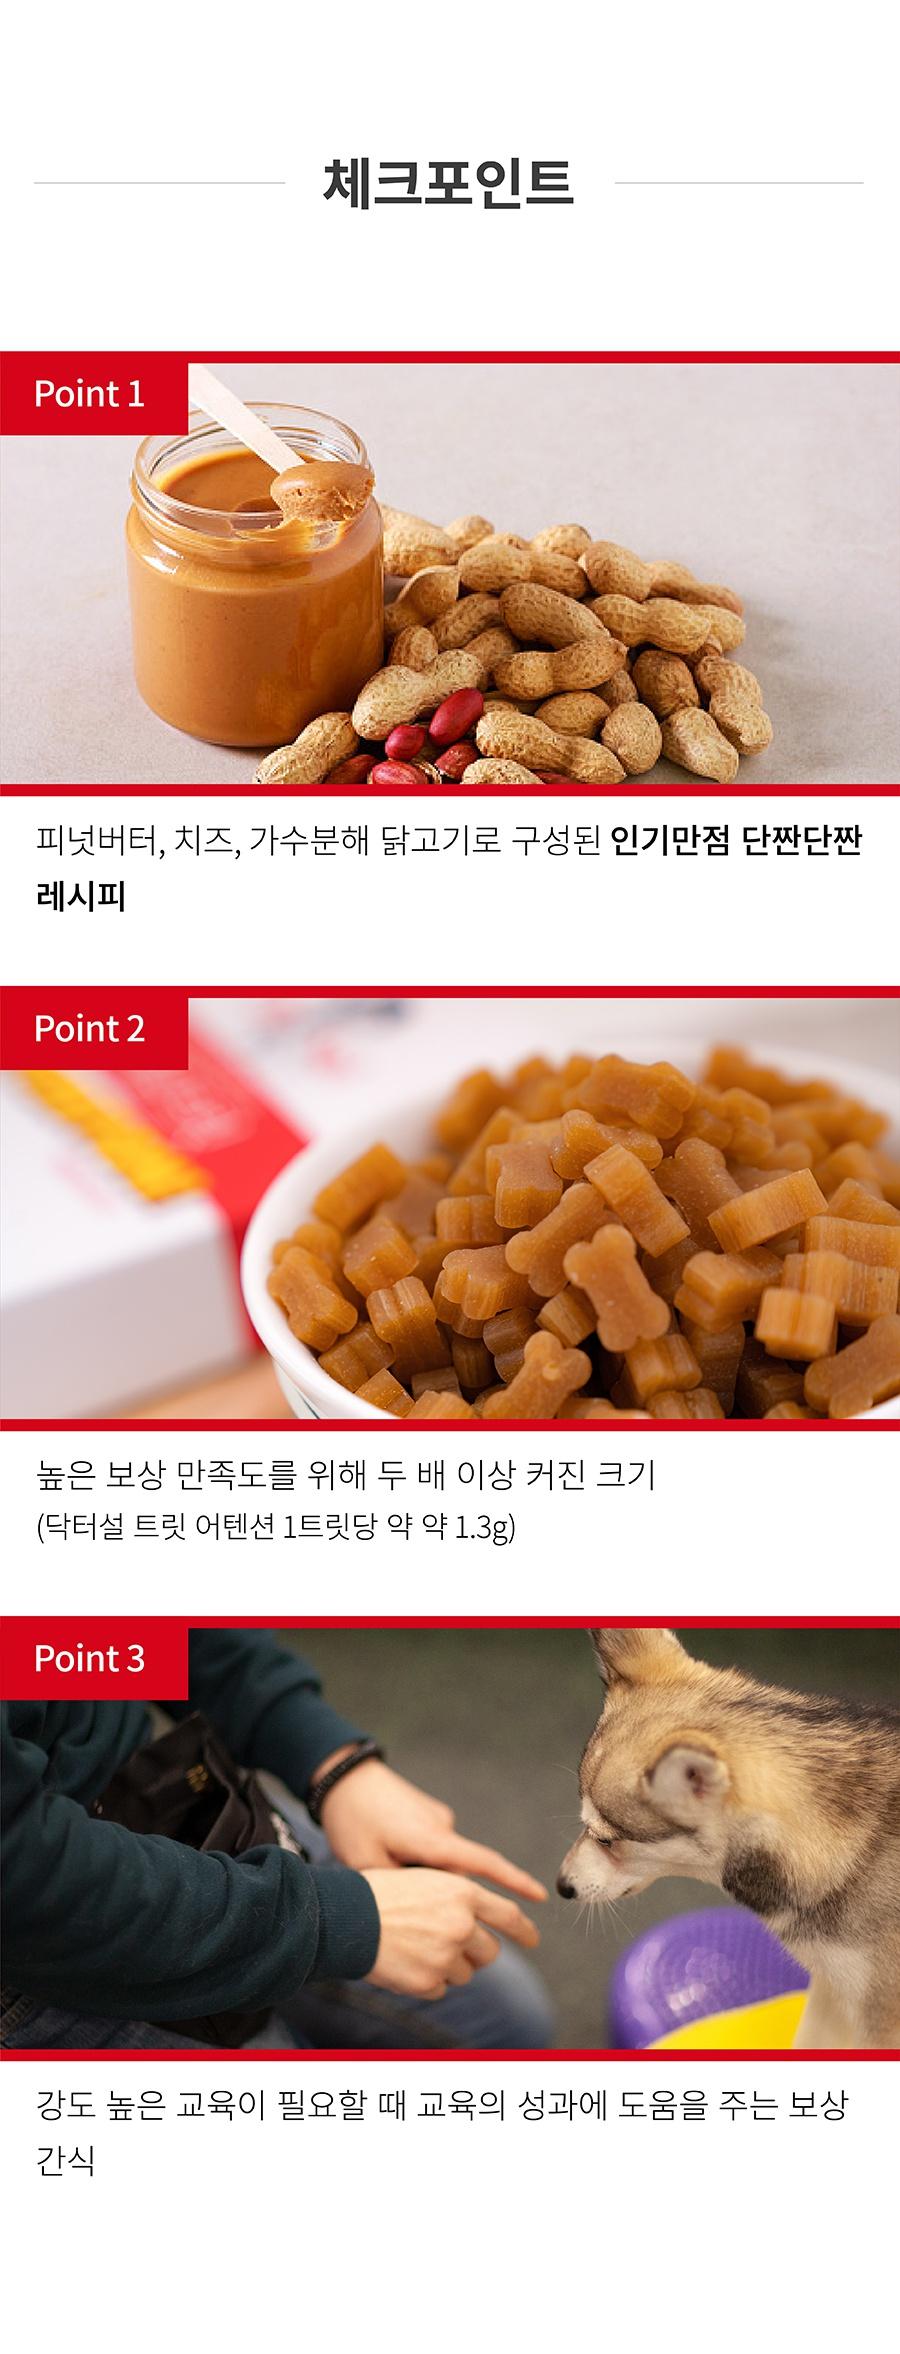 닥터설 트릿 어텐션 (100g)-상품이미지-8